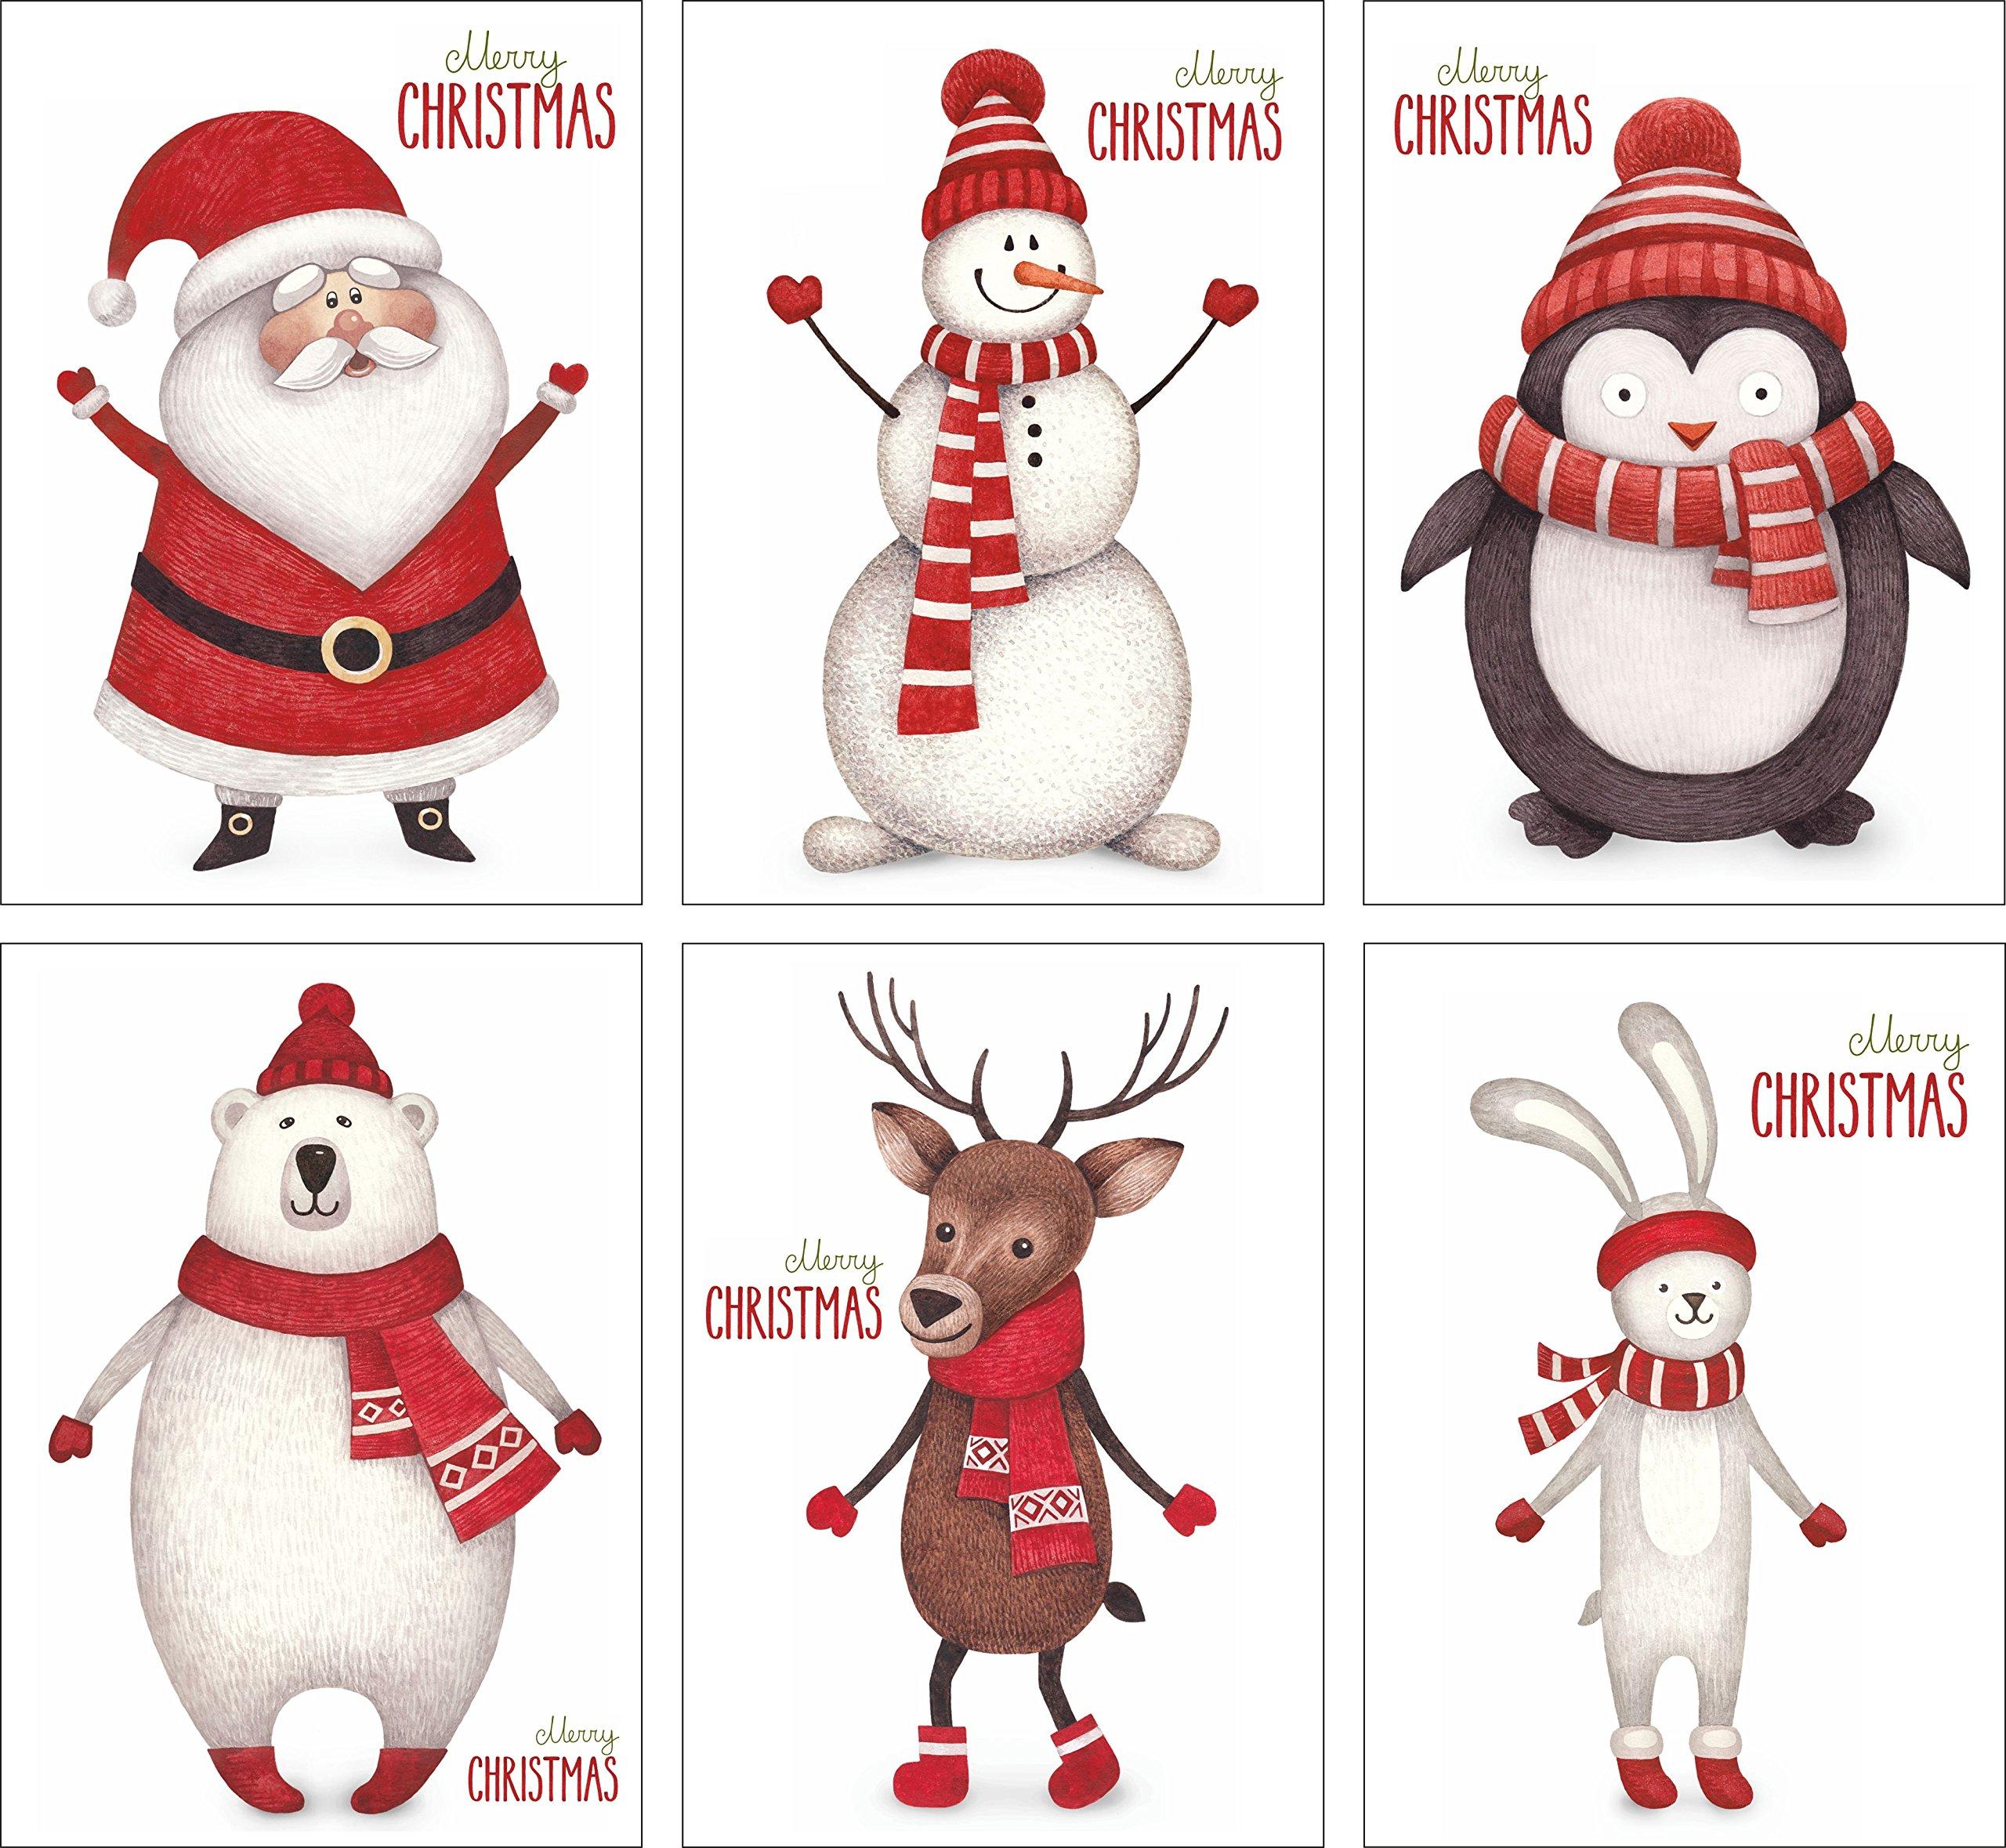 Weihnachtskarten Exklusiv.12 Weihnachtskarten Set Mit 6 Außergewöhnlichen Motiven Grusskartenkaufen De